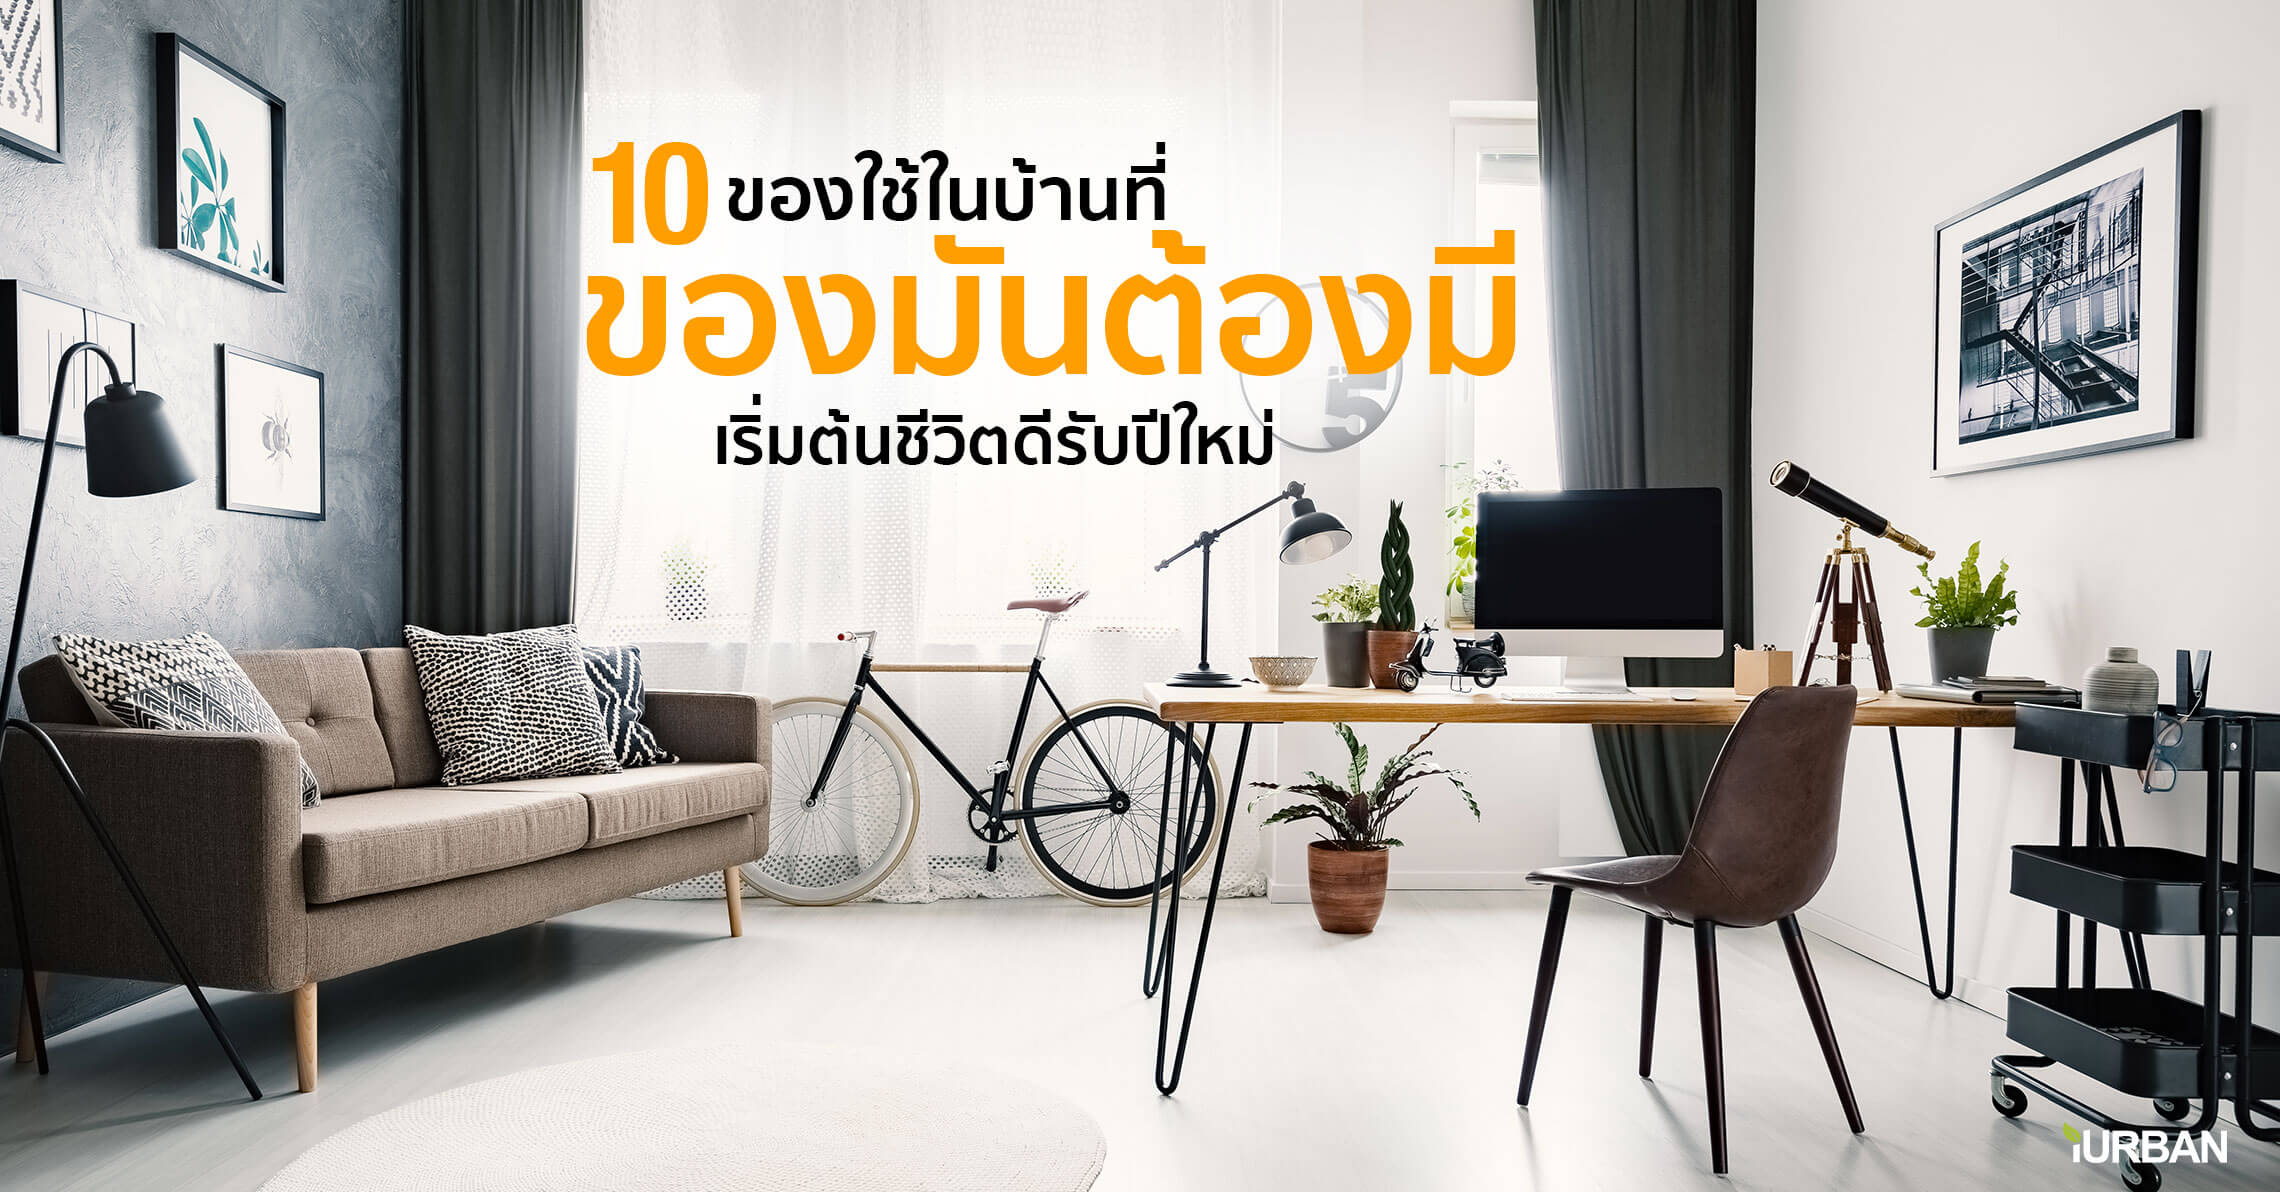 10 ของใช้ในบ้านที่ #ของมันต้องมี ของขวัญเริ่มต้นชีวิตดีรับปีใหม่ให้ตัวเอง 13 - Gift